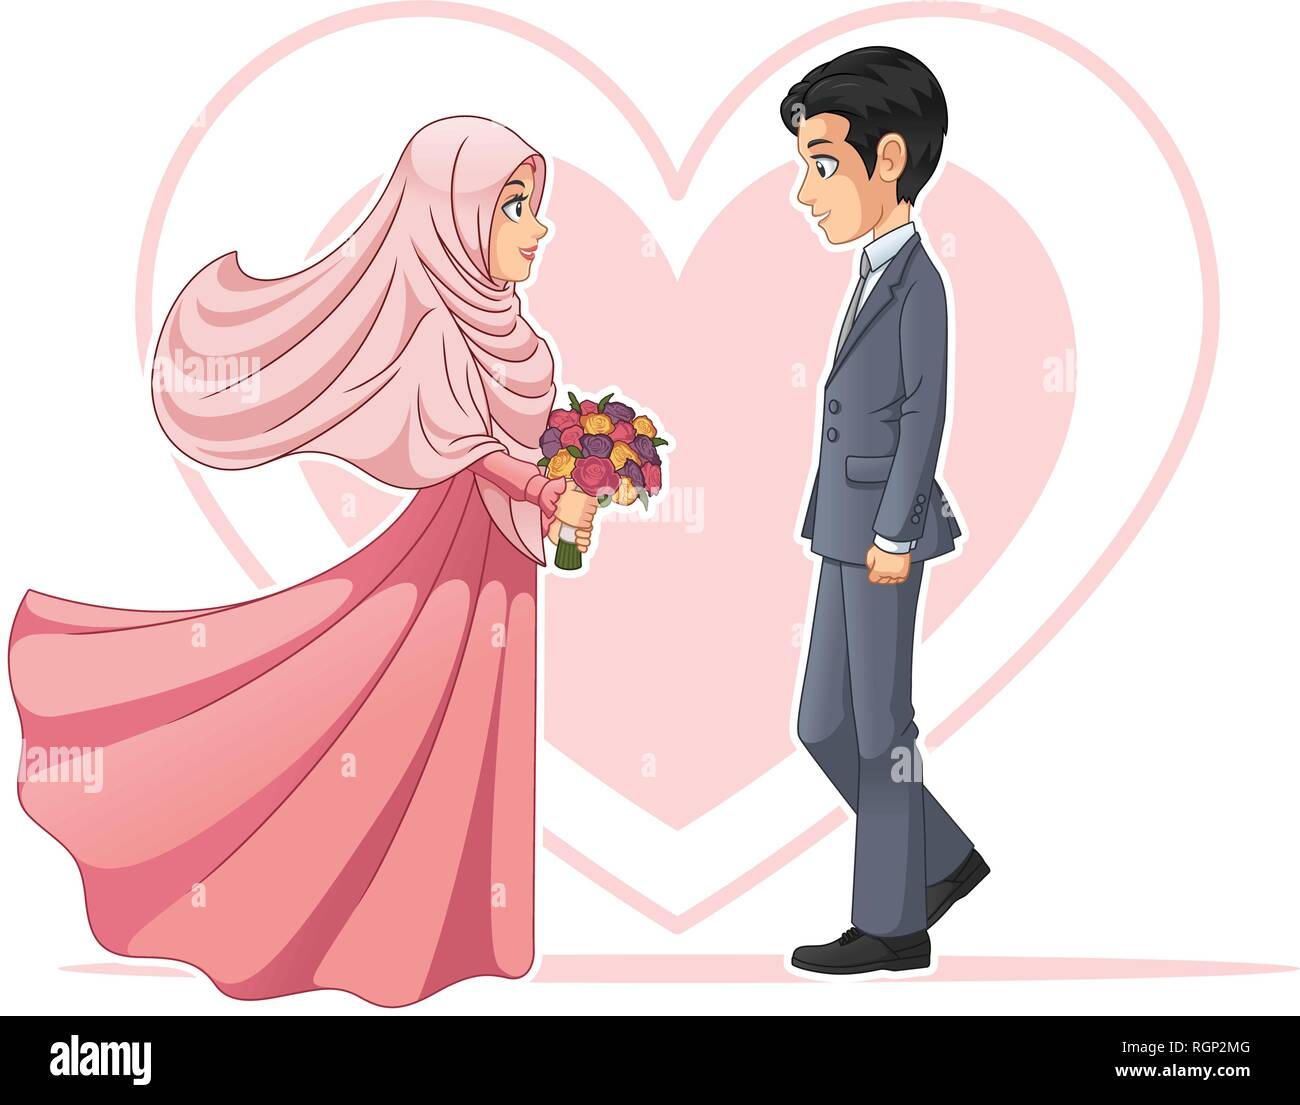 Cartoon muslim couple stock photos cartoon muslim couple